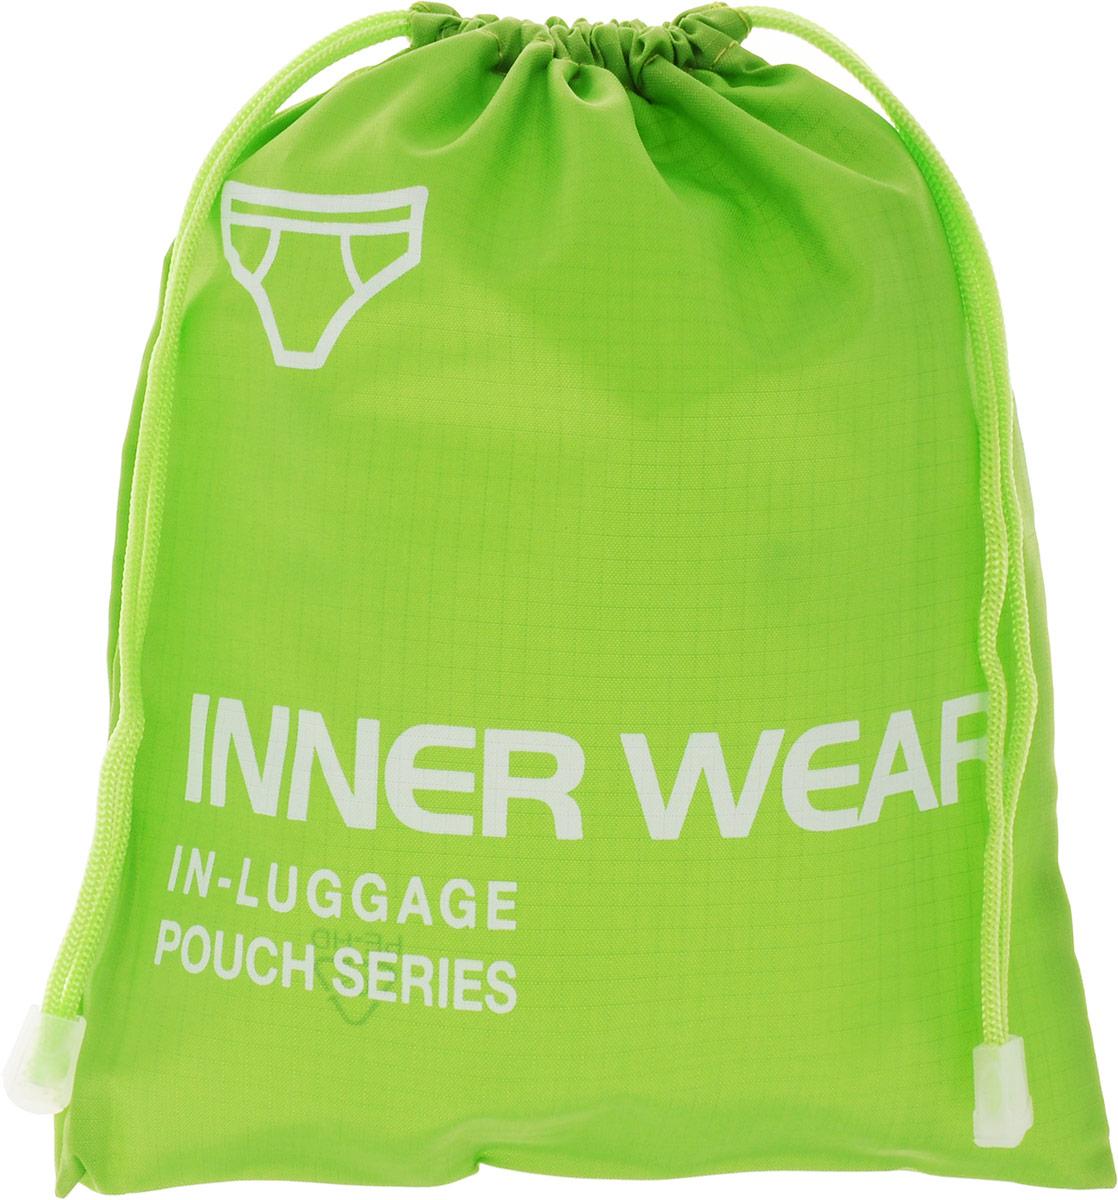 Colibri Чехол для нижнего белья, цвет: зеленый, 21 х 26,5 смCW5720 (GREEN)Чехол для нижнего белья Colibri выполнен из 100% полиэстера. Изделие снабжено затягивающимся шнурком на кулиске. Чехол предназначен для хранения и транспортировки нижнего белья, благодаря небольшим размерам не займет много места у вас в чемодане. Изделие дополнено надписью: Inner Wear In-Luggage Pouch Series.